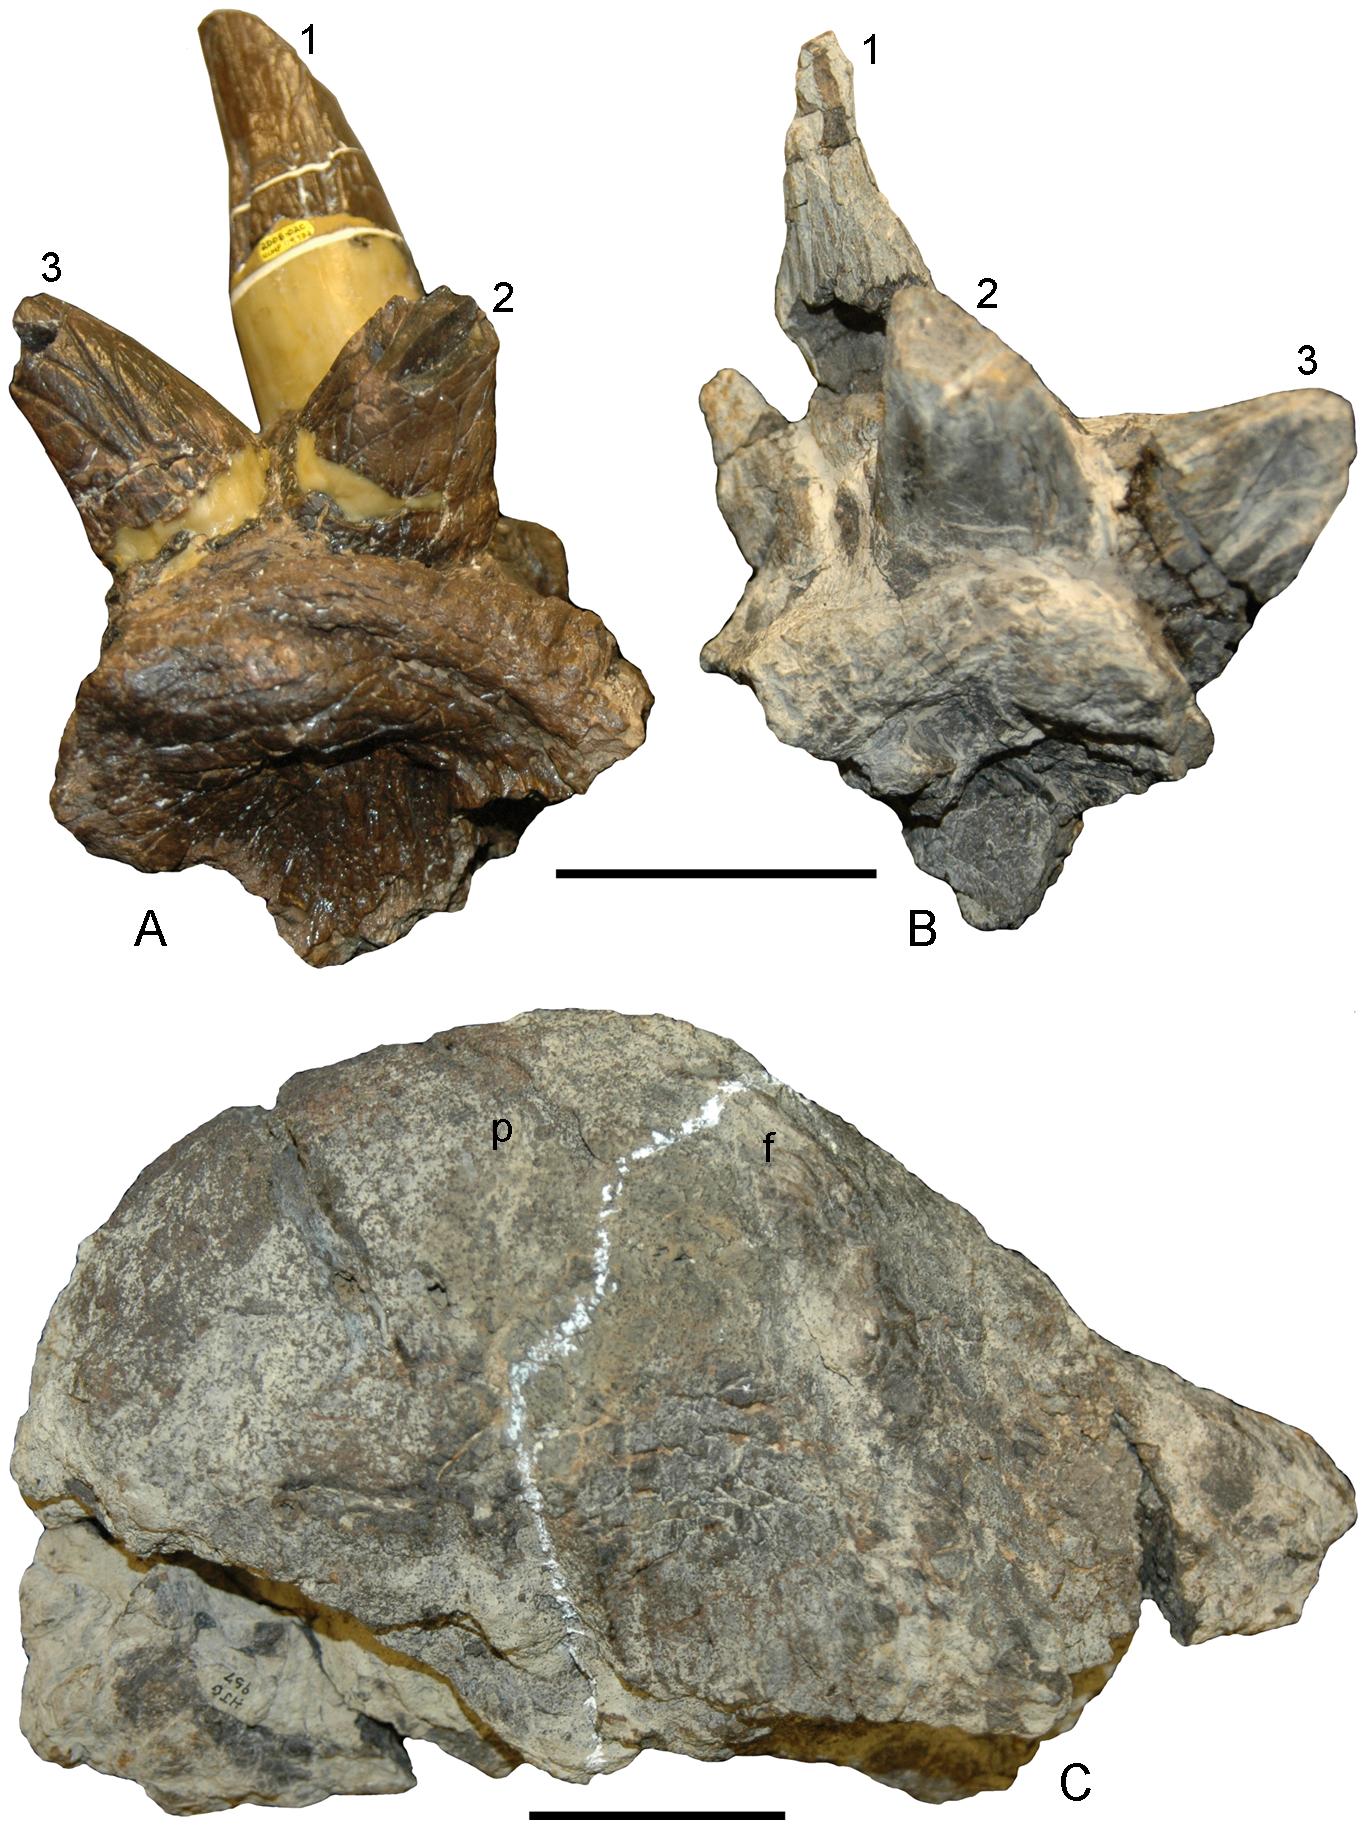 File:Stygimoloch skull.png - Wikimedia Commons